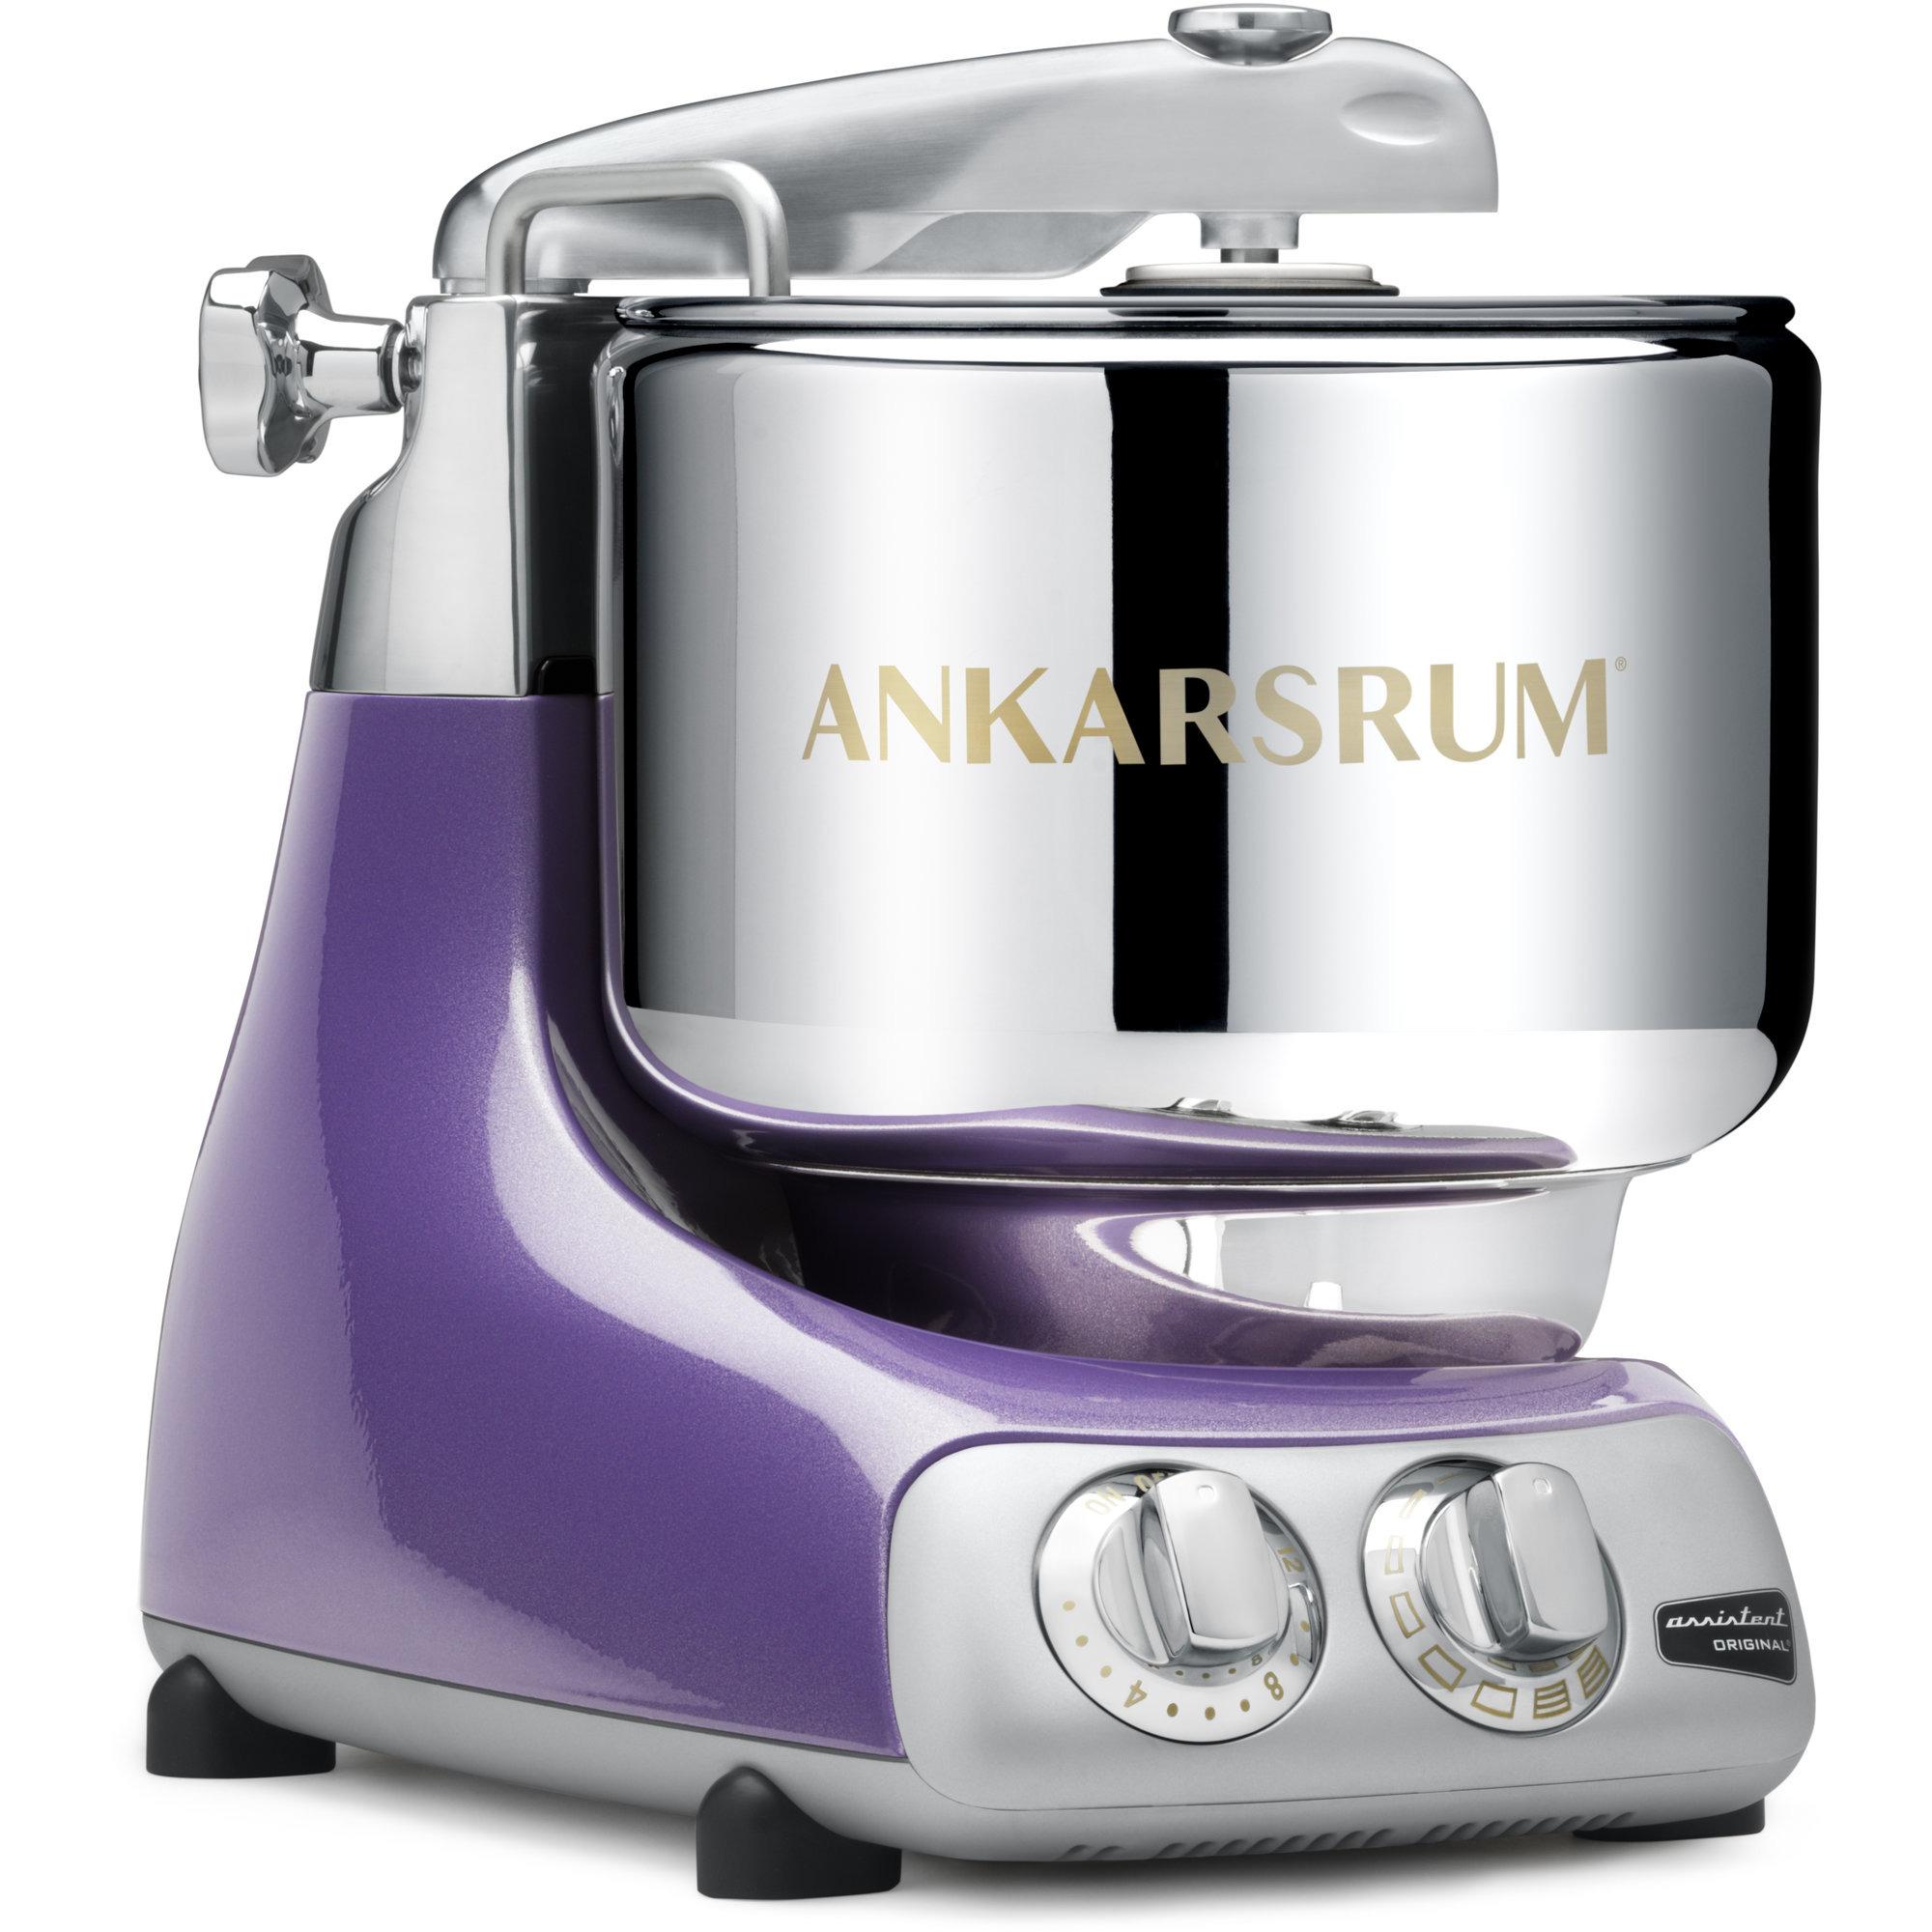 Bilde av Ankarsrum Akm 6230 Kjøkkenmaskin Original Shiny Lilac